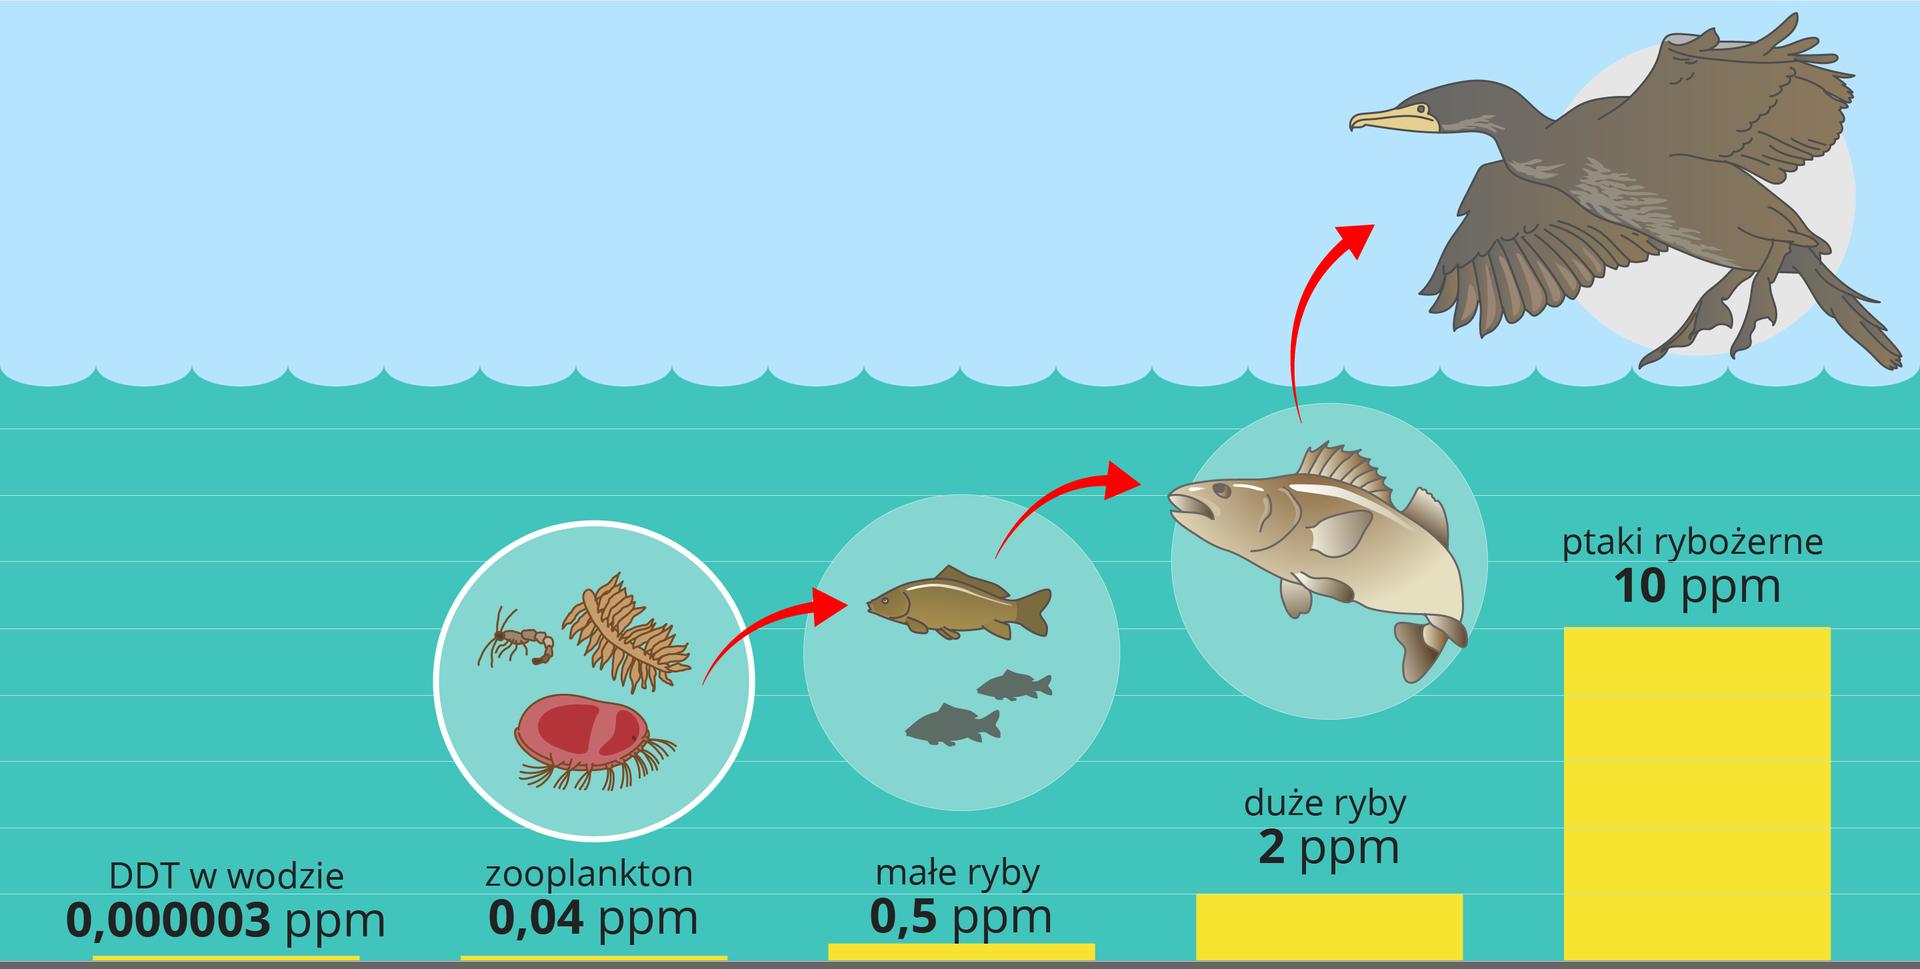 Ilustracja przedstawia schematycznie błękitną sfalowaną wodę ijaśniejsze niebo nad nią. Wwodzie inad nią znajdują się koła zwizerunkami zwierząt, połączone strzałkami. Czerwone strzałki wskazują przenoszenie DDT na kolejne poziomy troficzne. Poziom trucizny oznaczono kolorem żółtym udołu ipodpisano.